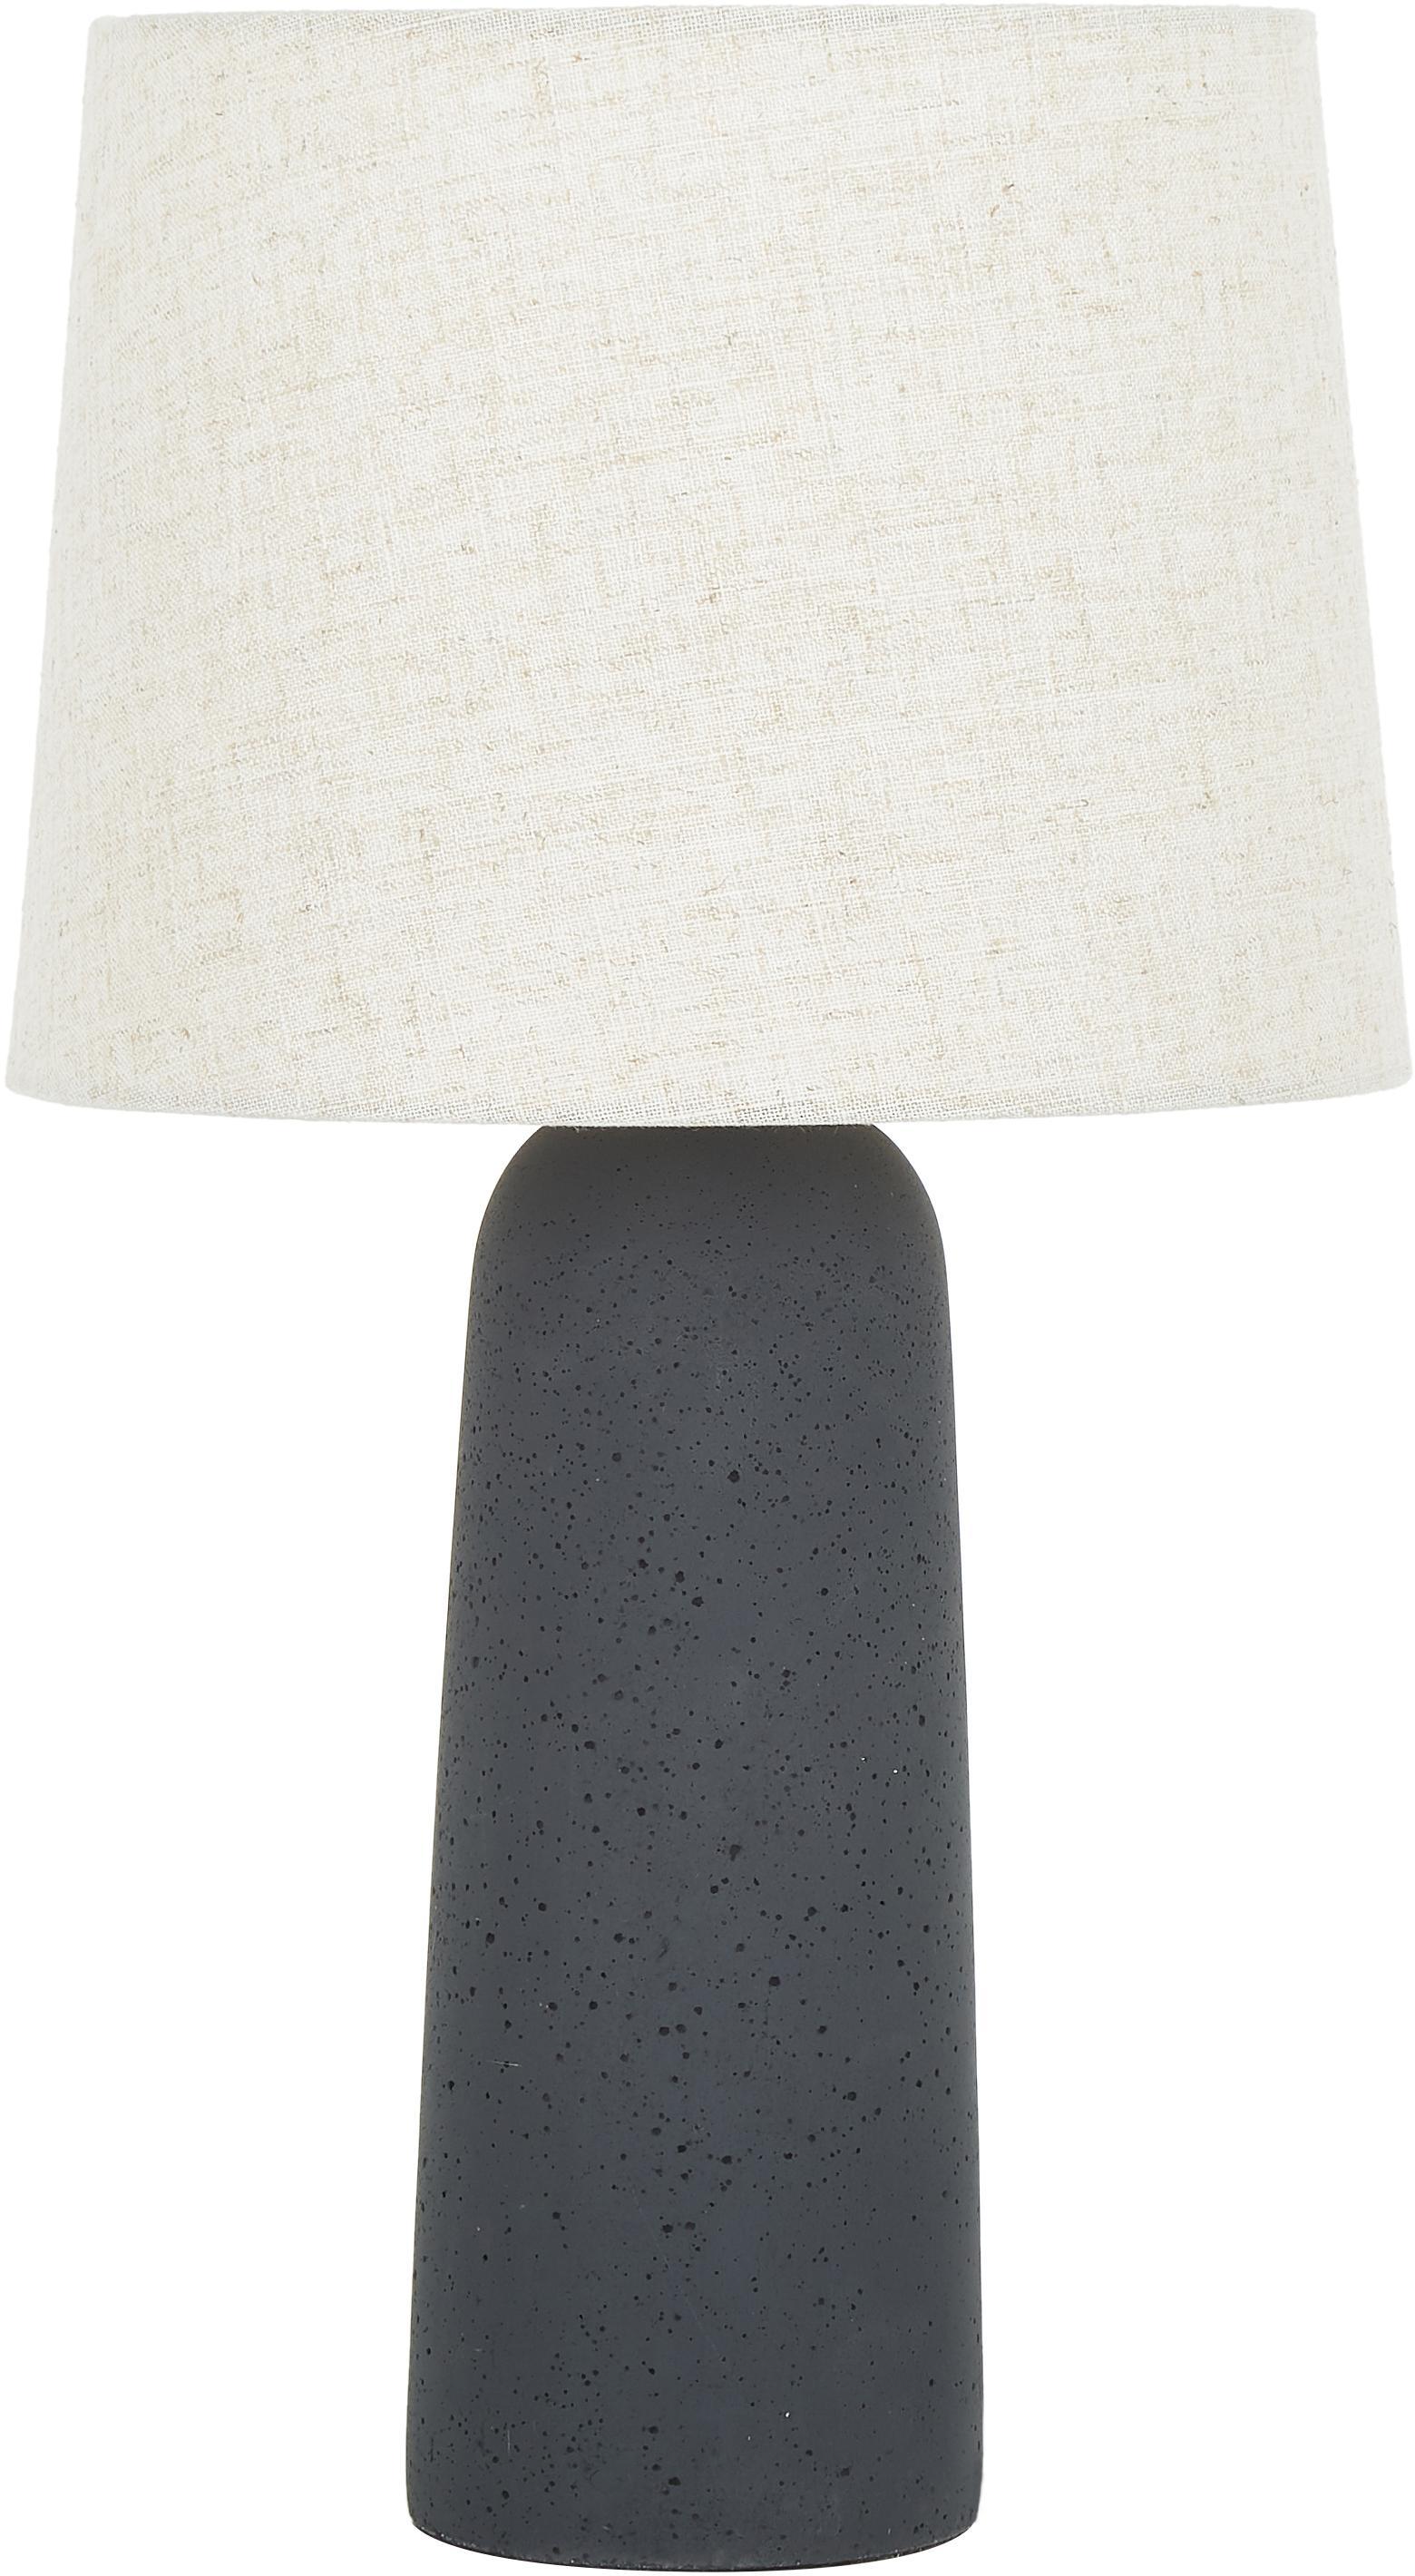 Lampada da tavolo Kaya, Paralume: 80% cotone, 20% lino, Base della lampada: Cemento Altezza 40 cm Riv, Paralume: beige base della lampada: grigio scuro cavo: nero, Ø 29 x Alt. 52 cm